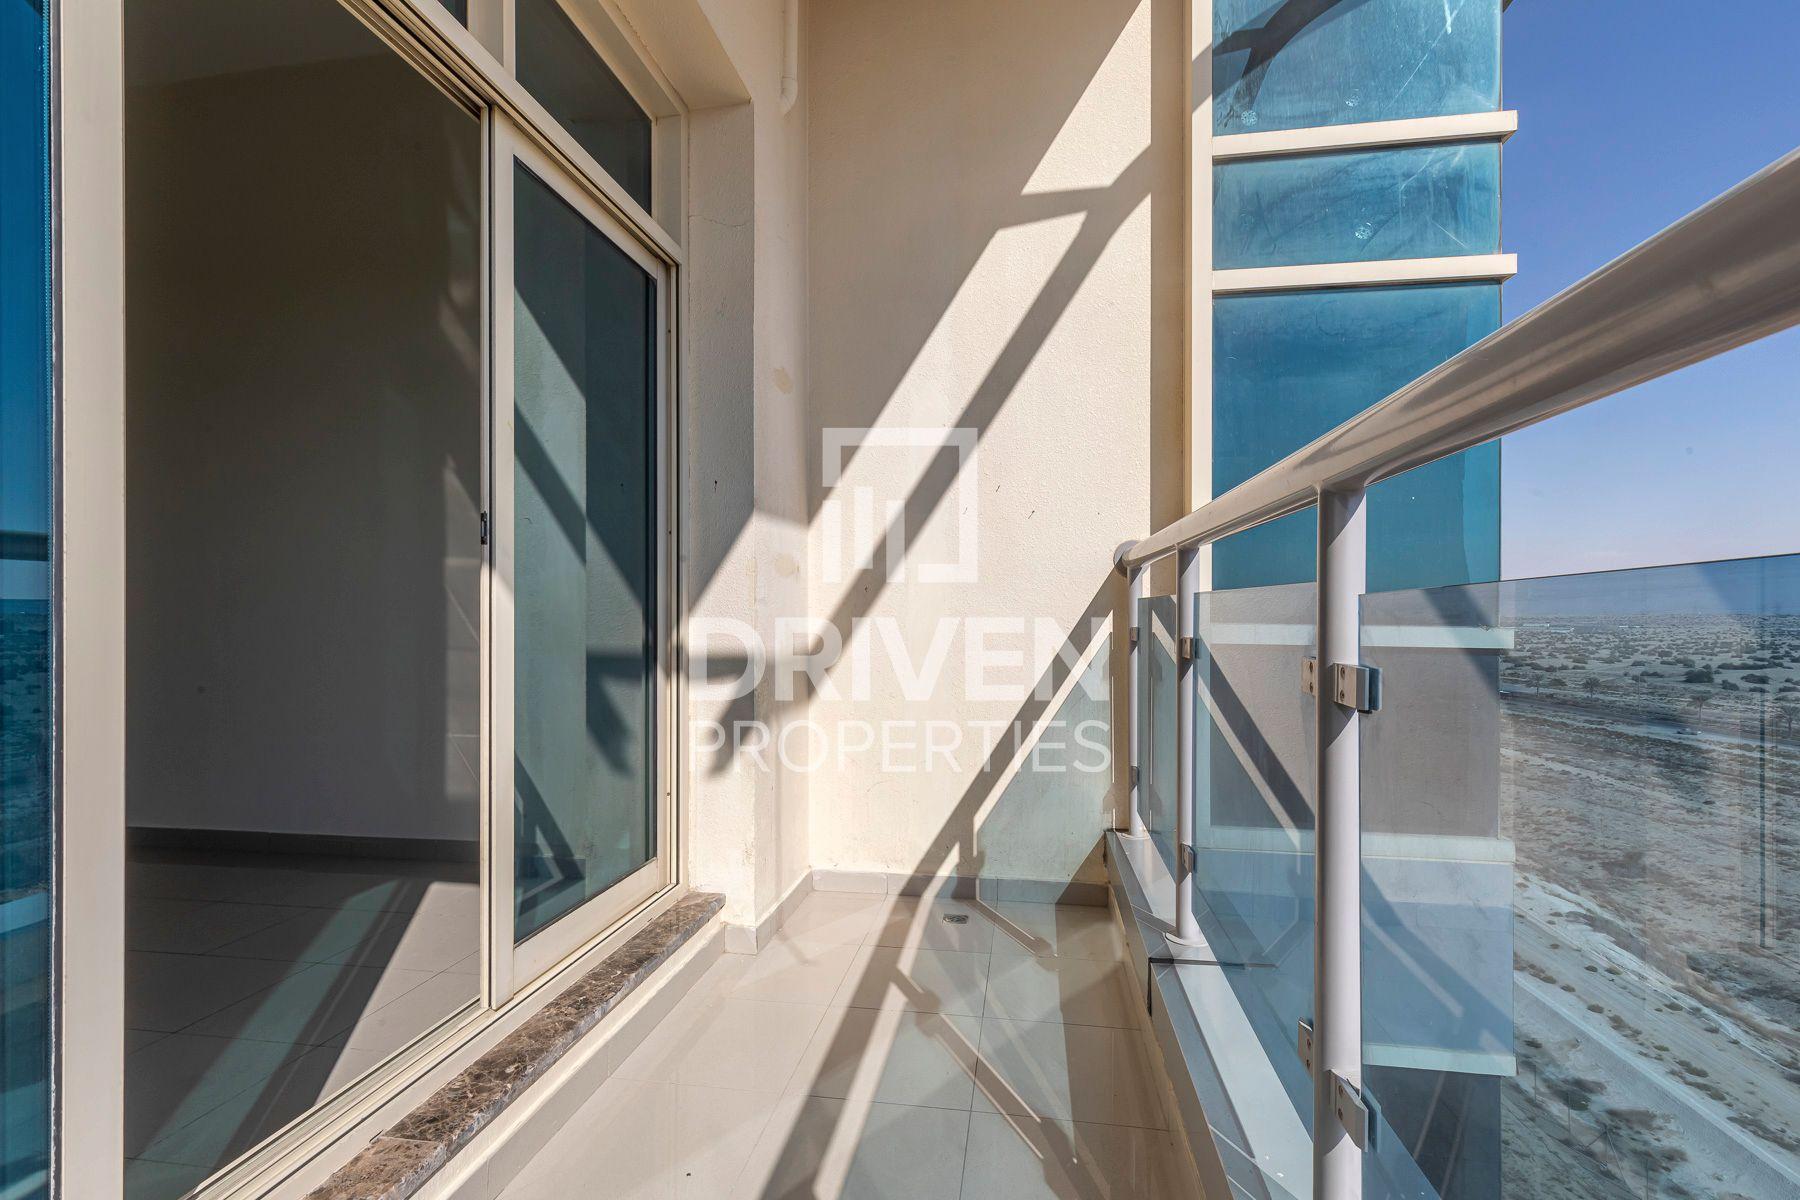 للايجار - شقة - 7 لا فيستا ريزيدنس - واحة السيليكون